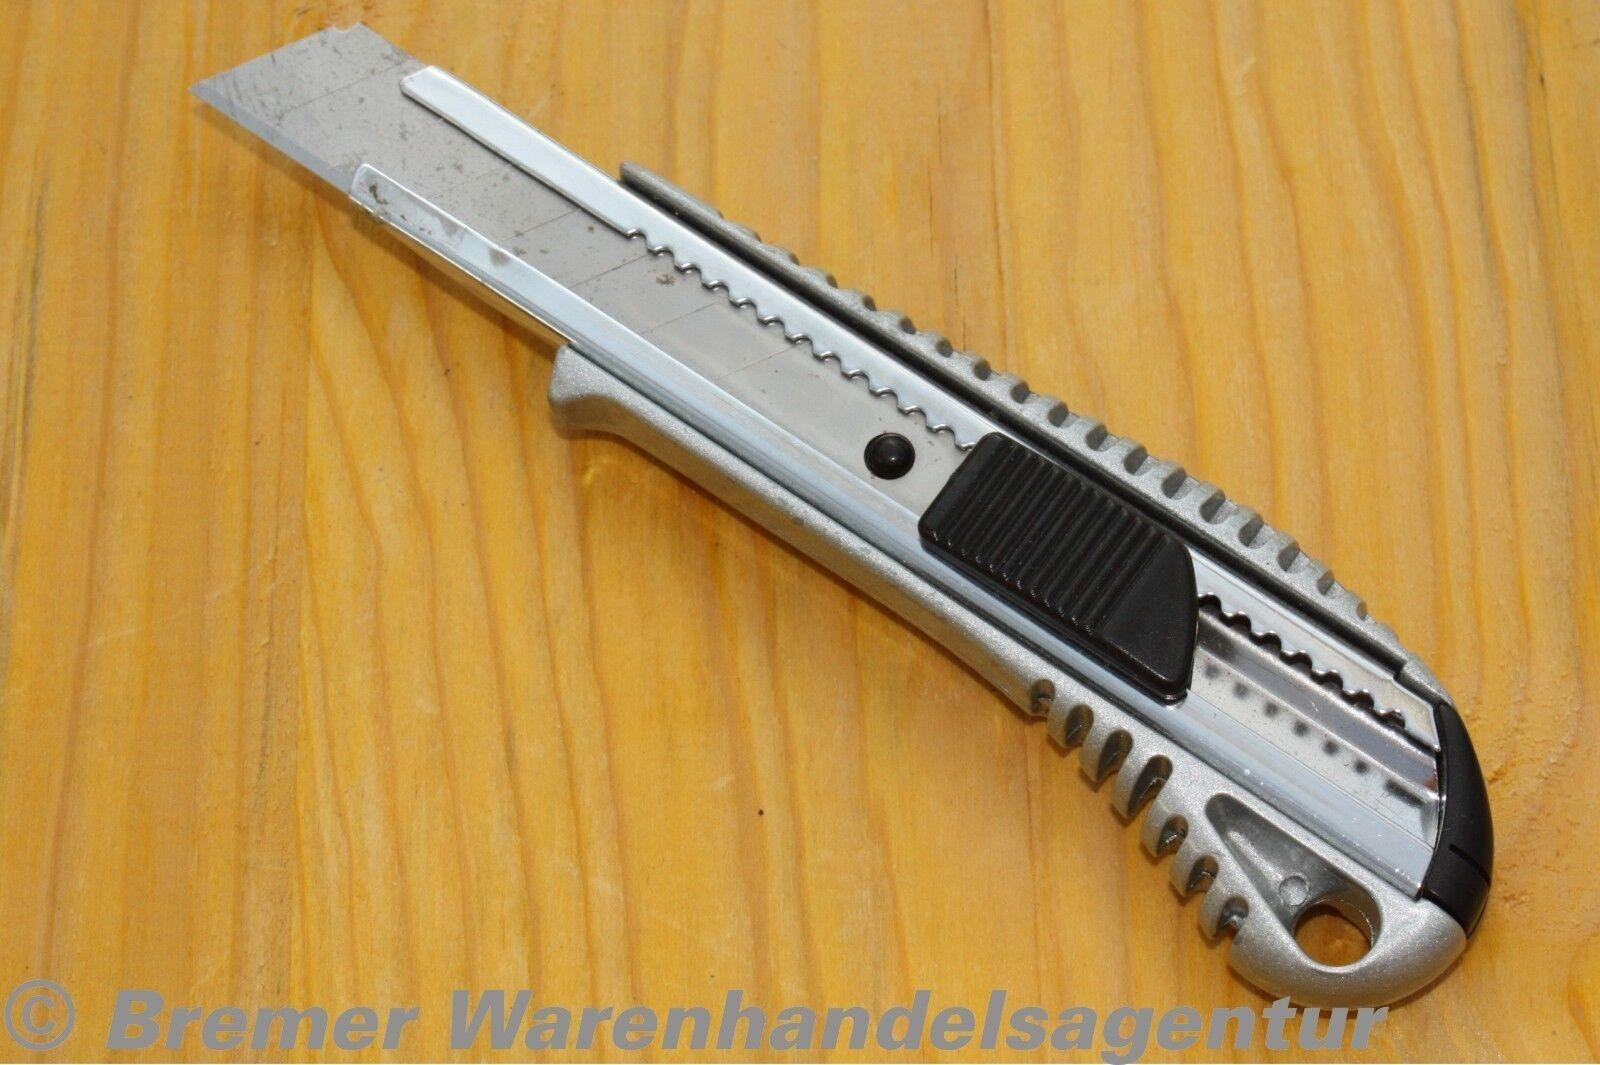 Massives Profi-Cuttermesser für 18mm Abbrechklingen